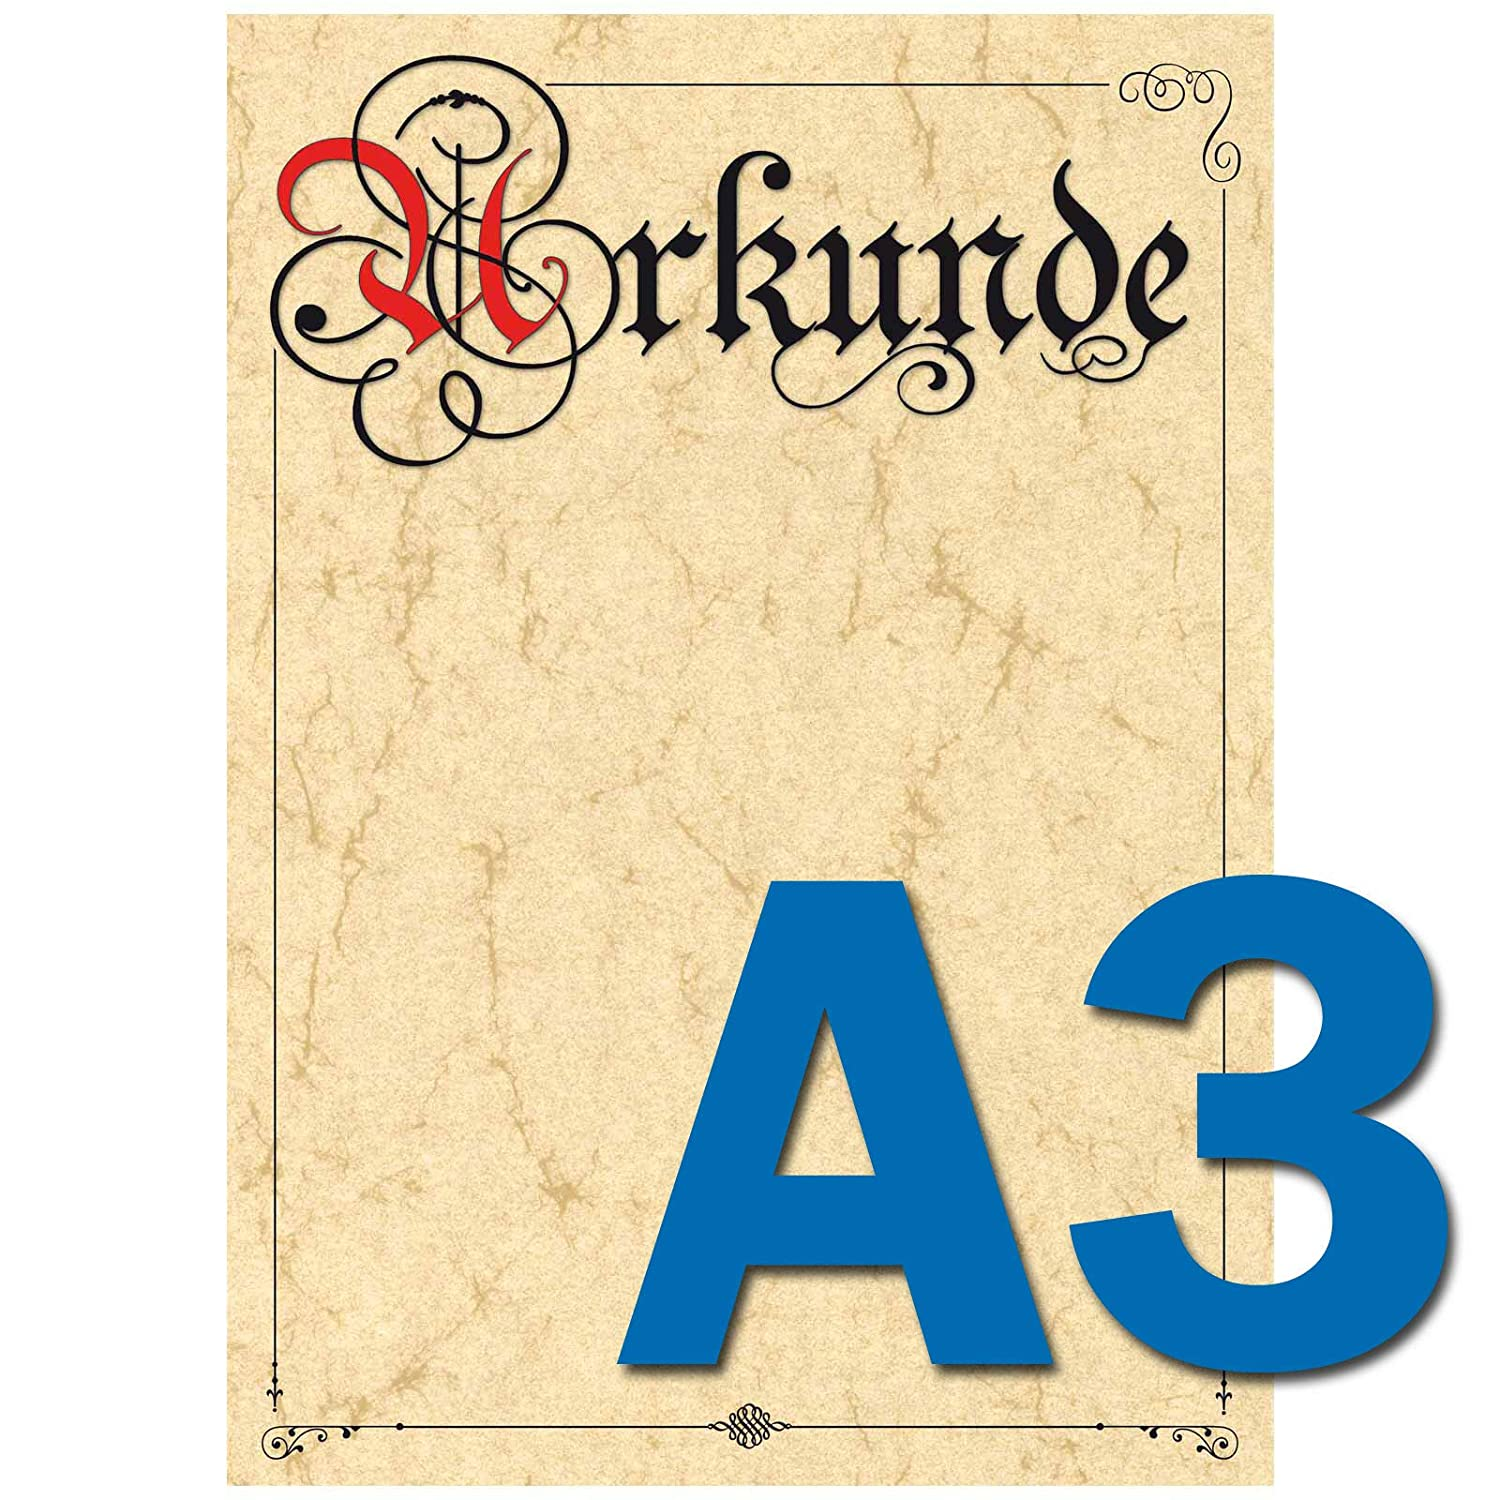 Pokalspezialist Urkunde A3 Urkundenpapier Elefantenhaut zum selbst Bedrucken 160g B07JQ3FKS2 | Nutzen Sie Materialien voll aus